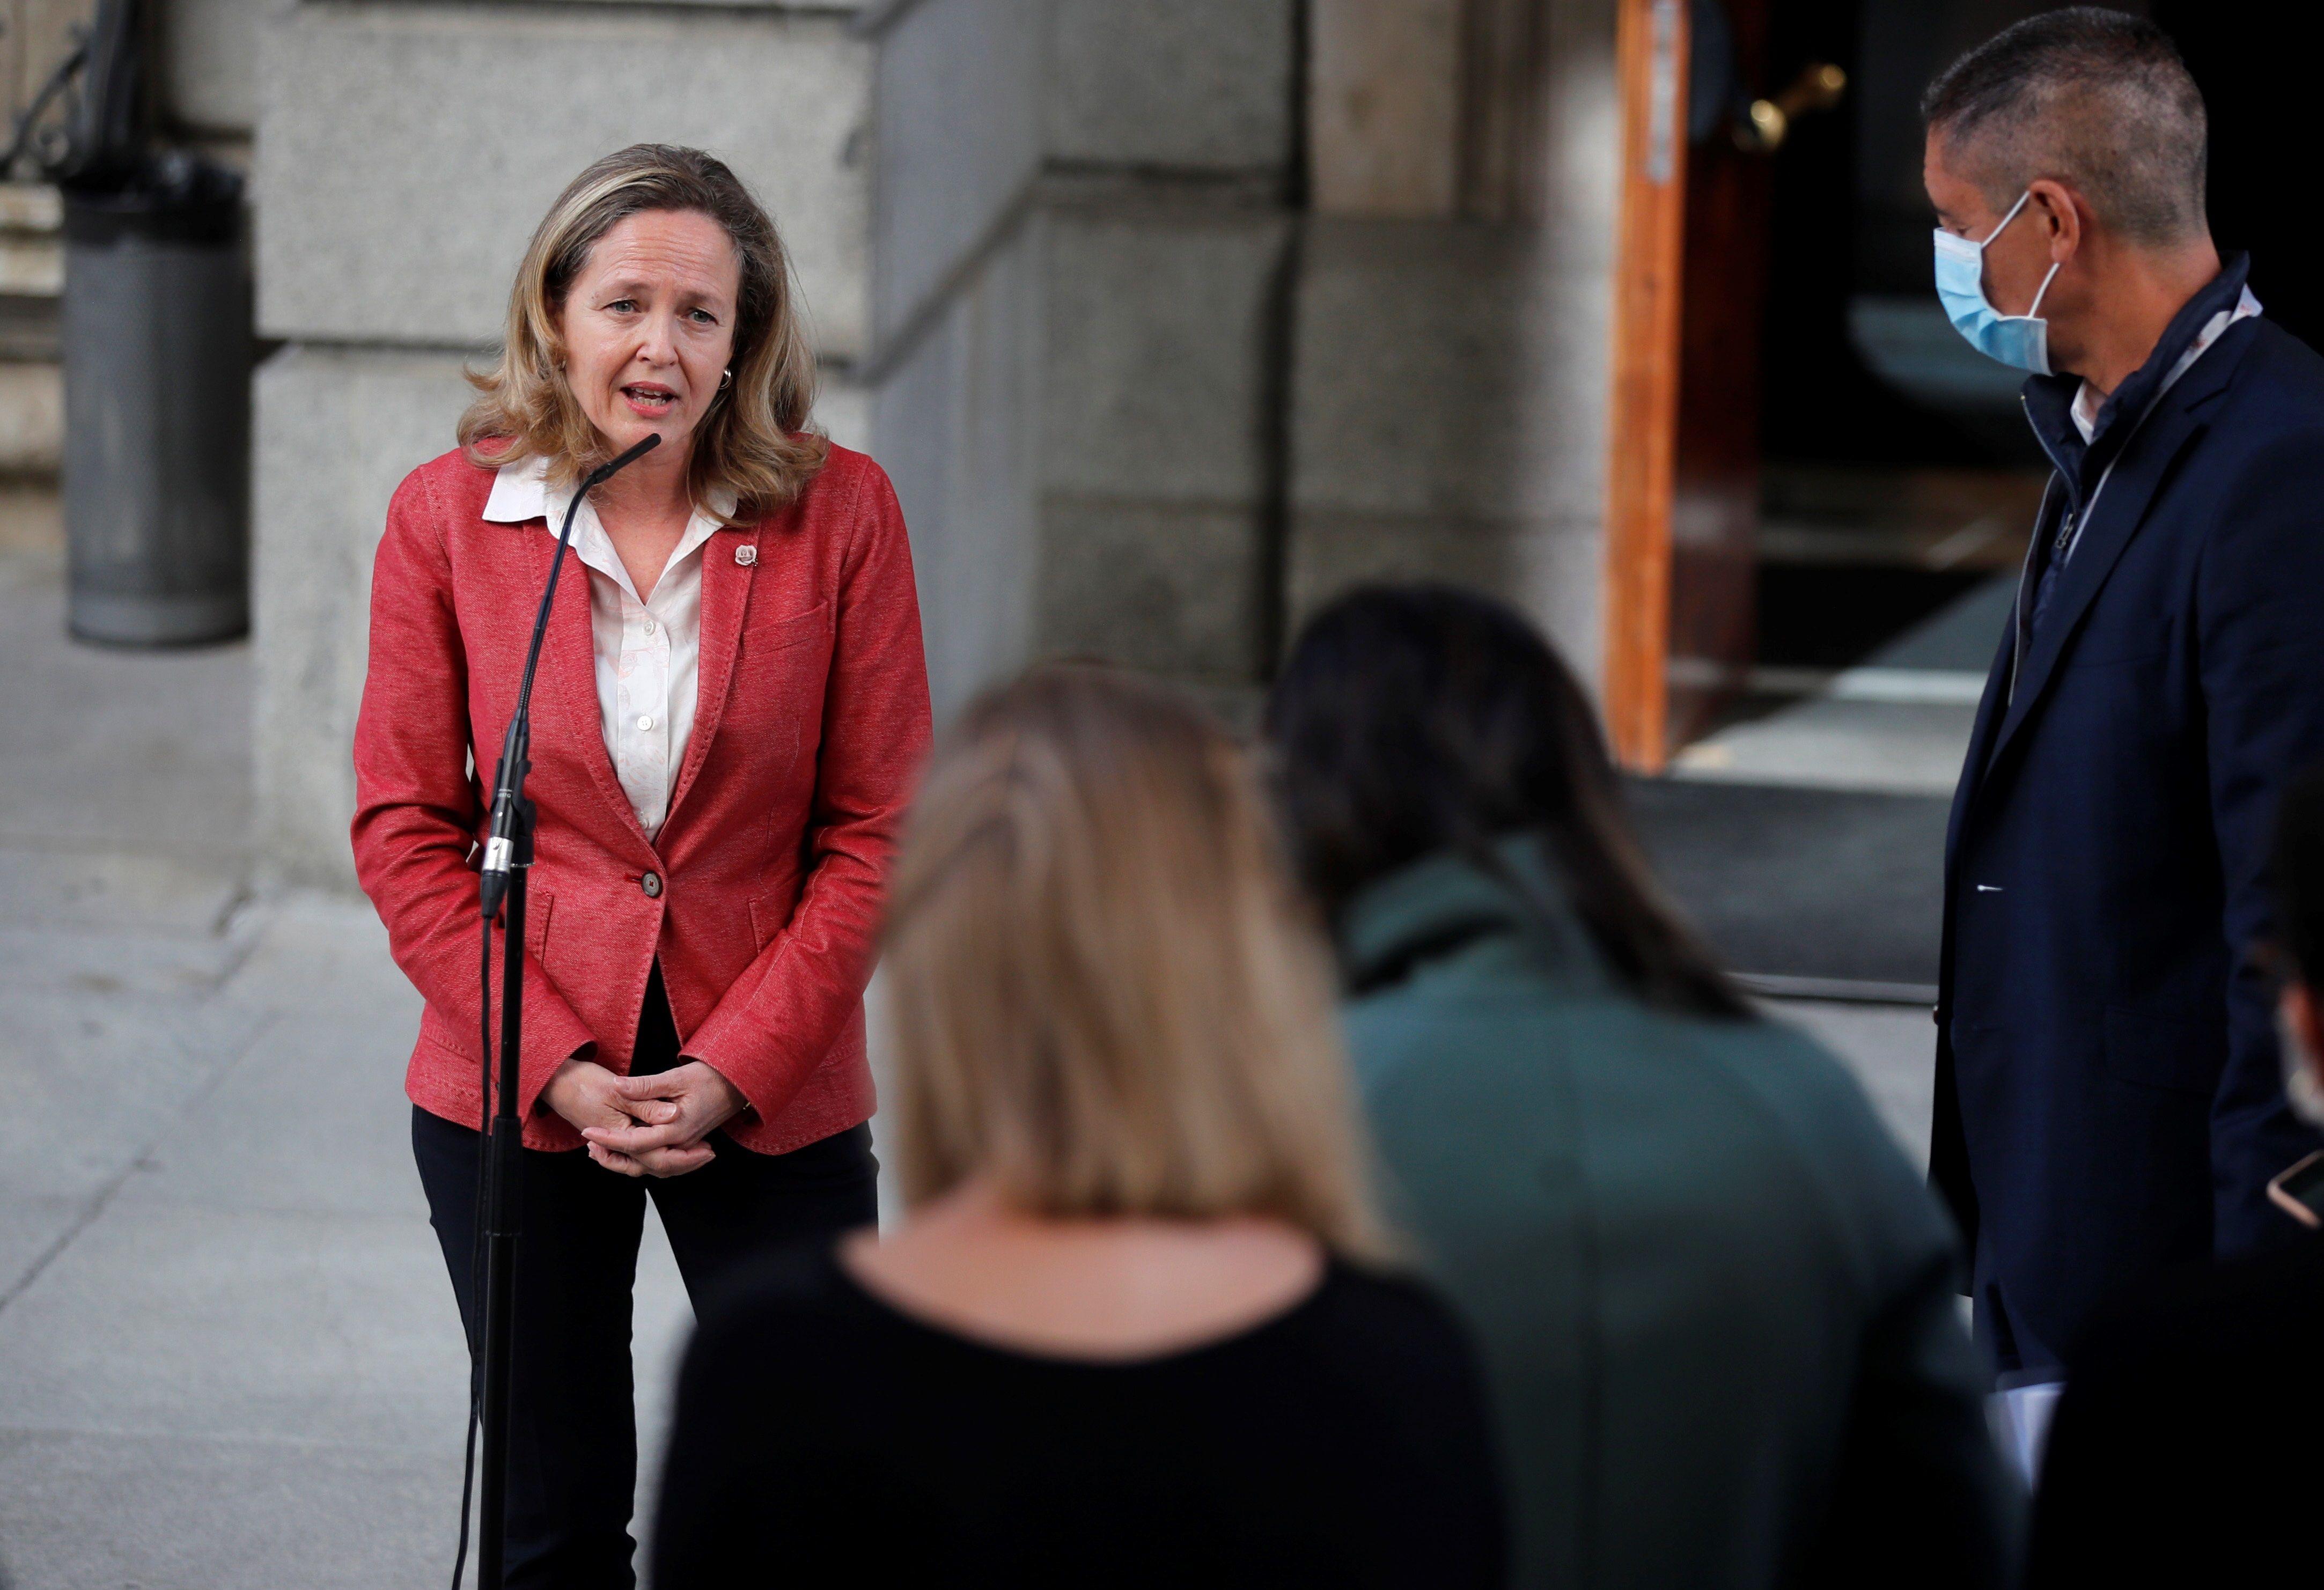 La vicepresidenta de Asuntos Económicos, Nadia Calviño, ayer en el Congreso.